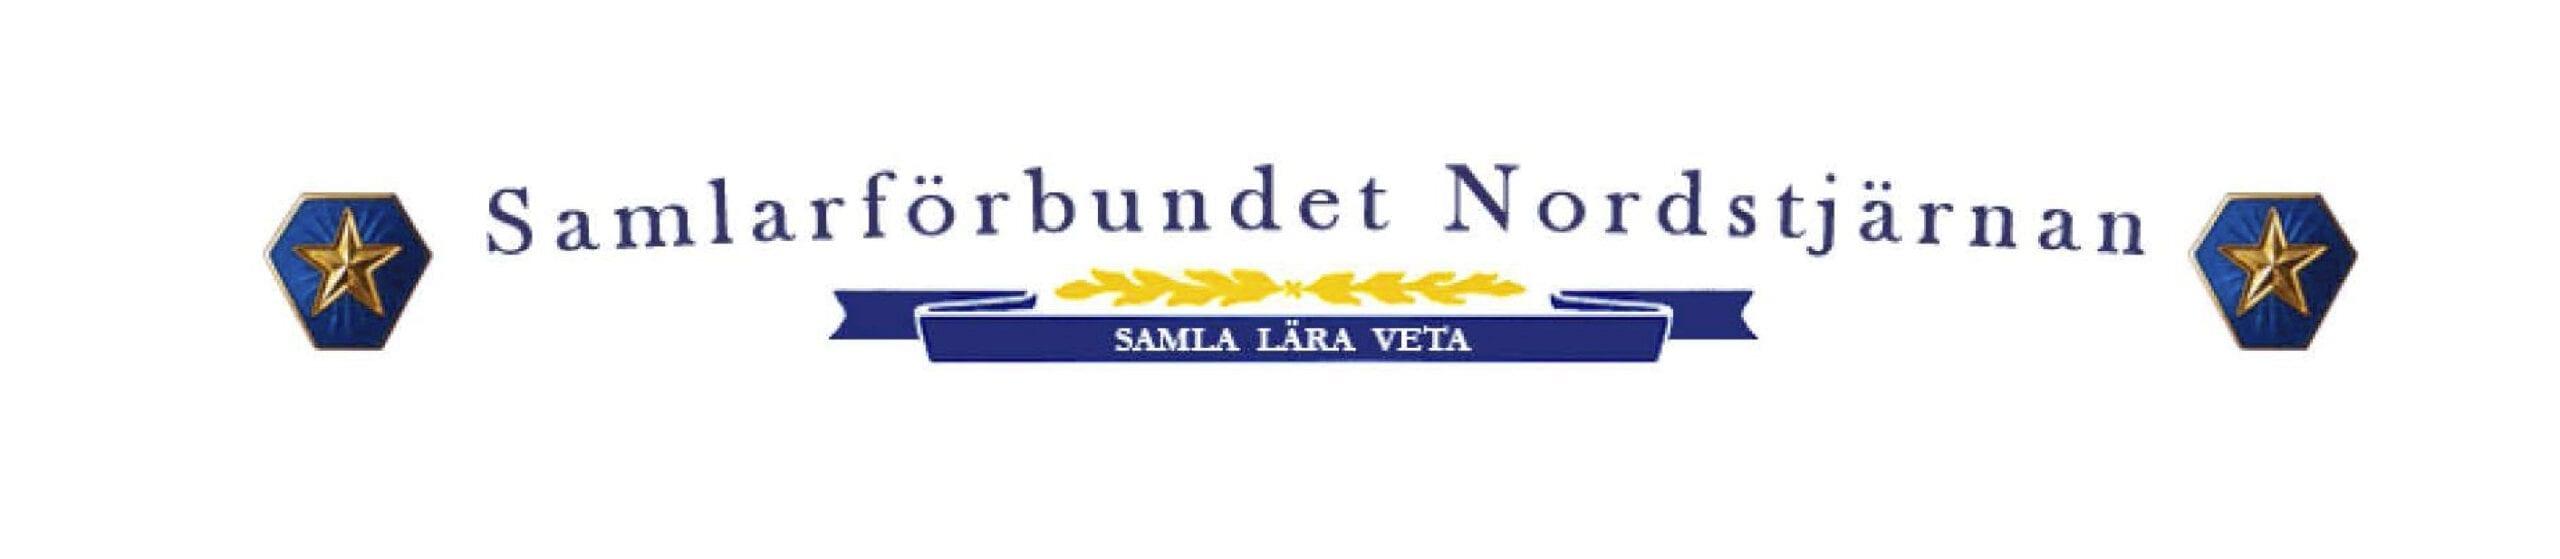 Samlarförbundet Nordstjärnan